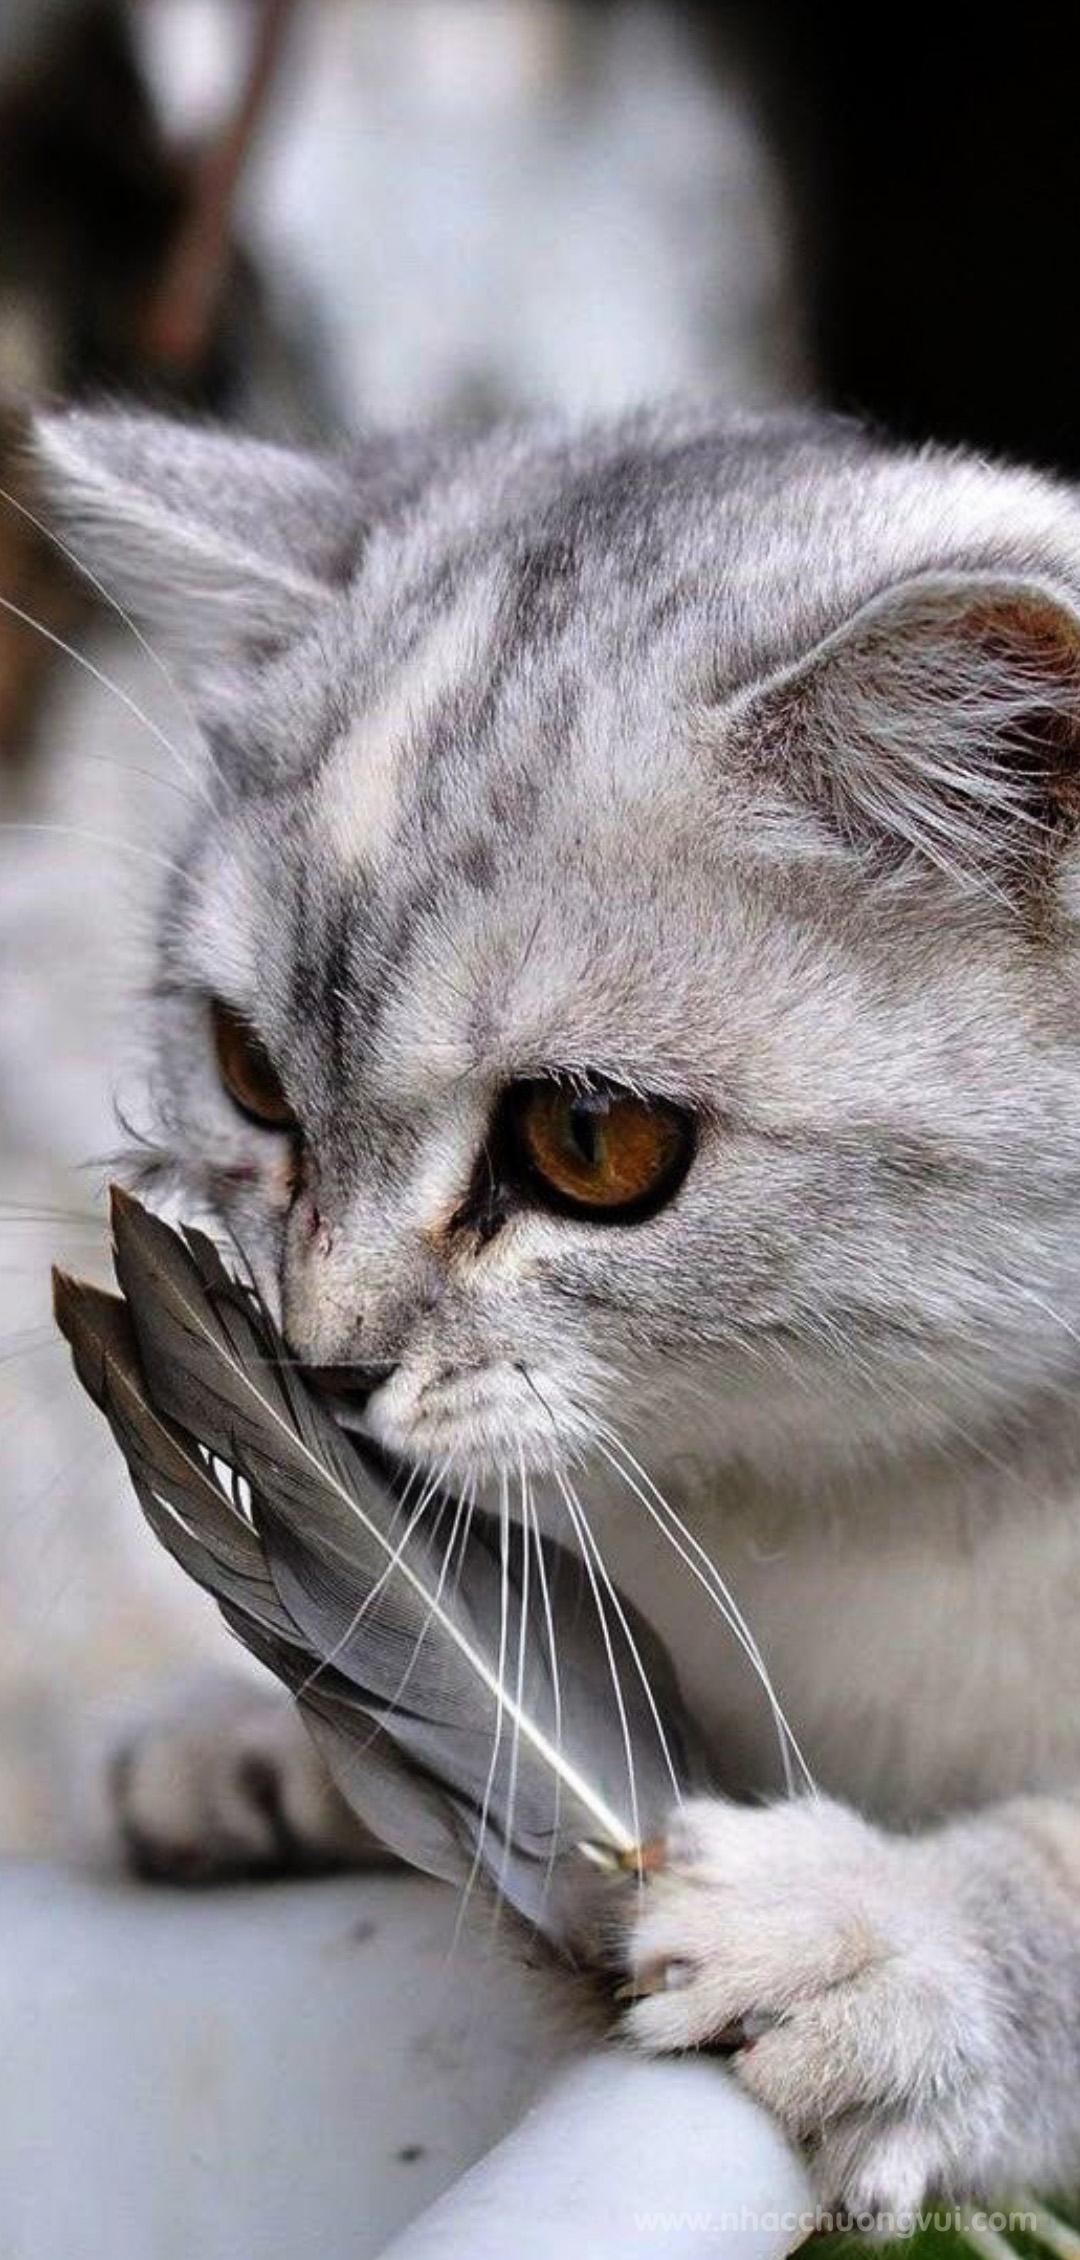 Hình nền mèo cho điện thoại dễ thương nhất 17